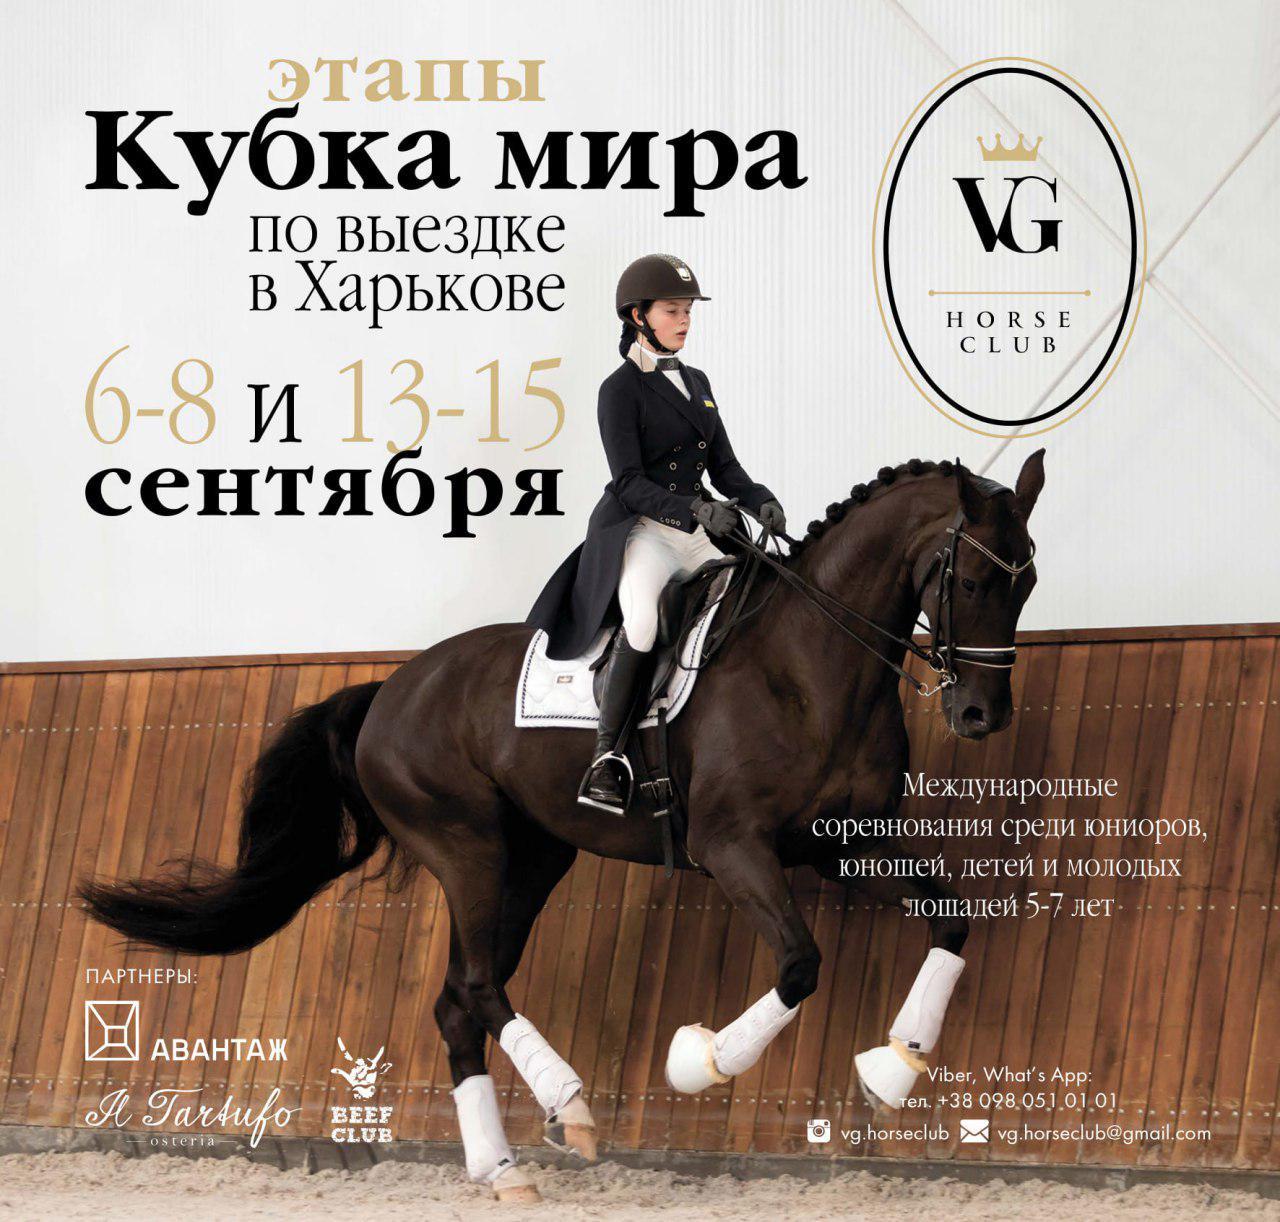 Два Этапа Кубка Мира в Центральной Европейской лиге по выездке примет на своих боевых полях конный клуб VG Horse Club